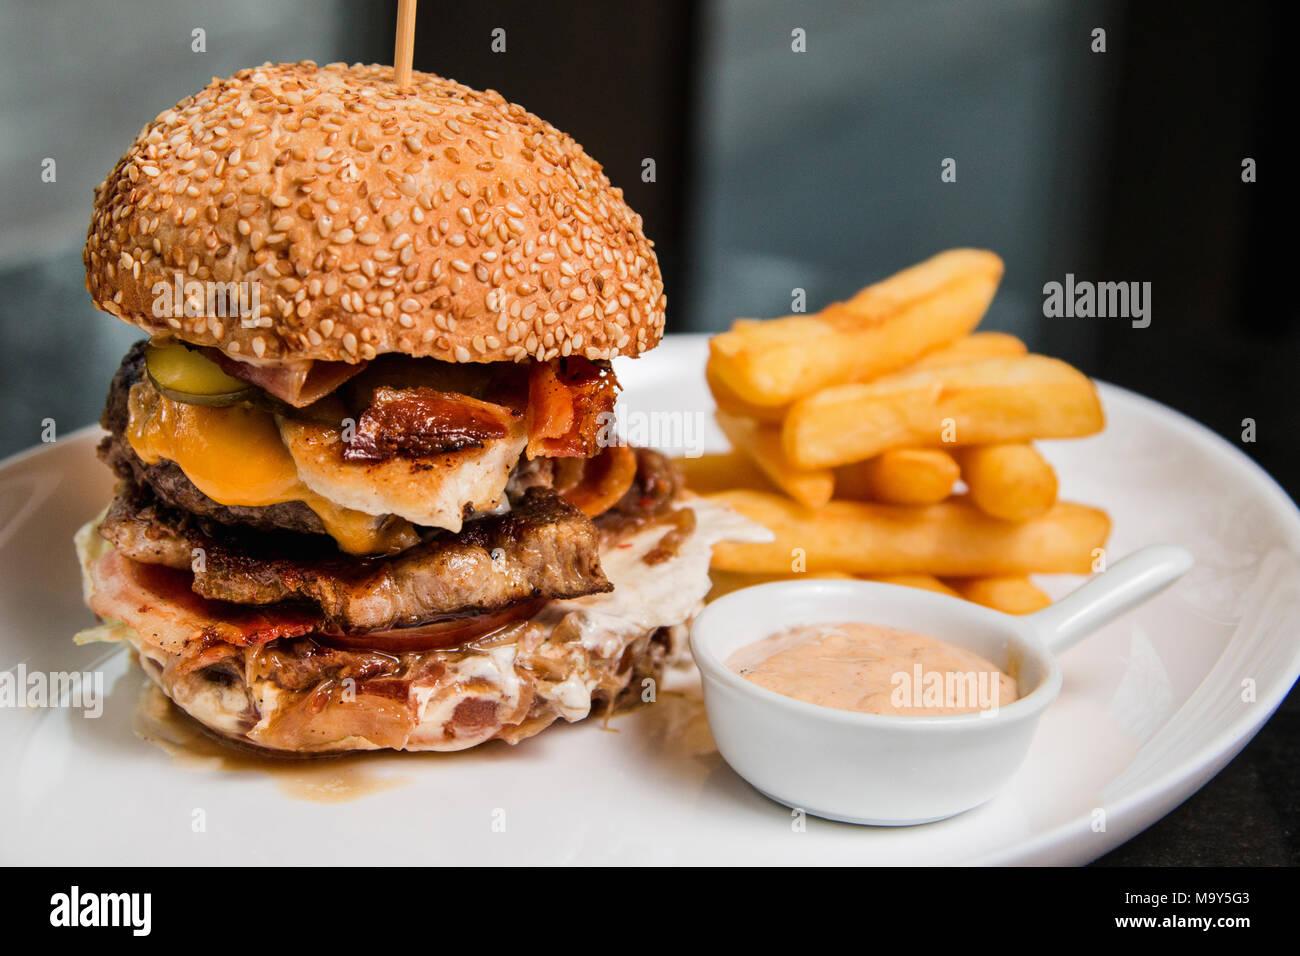 Primo piano di un delizioso burger con salsa di pomodoro e patate fritte Immagini Stock